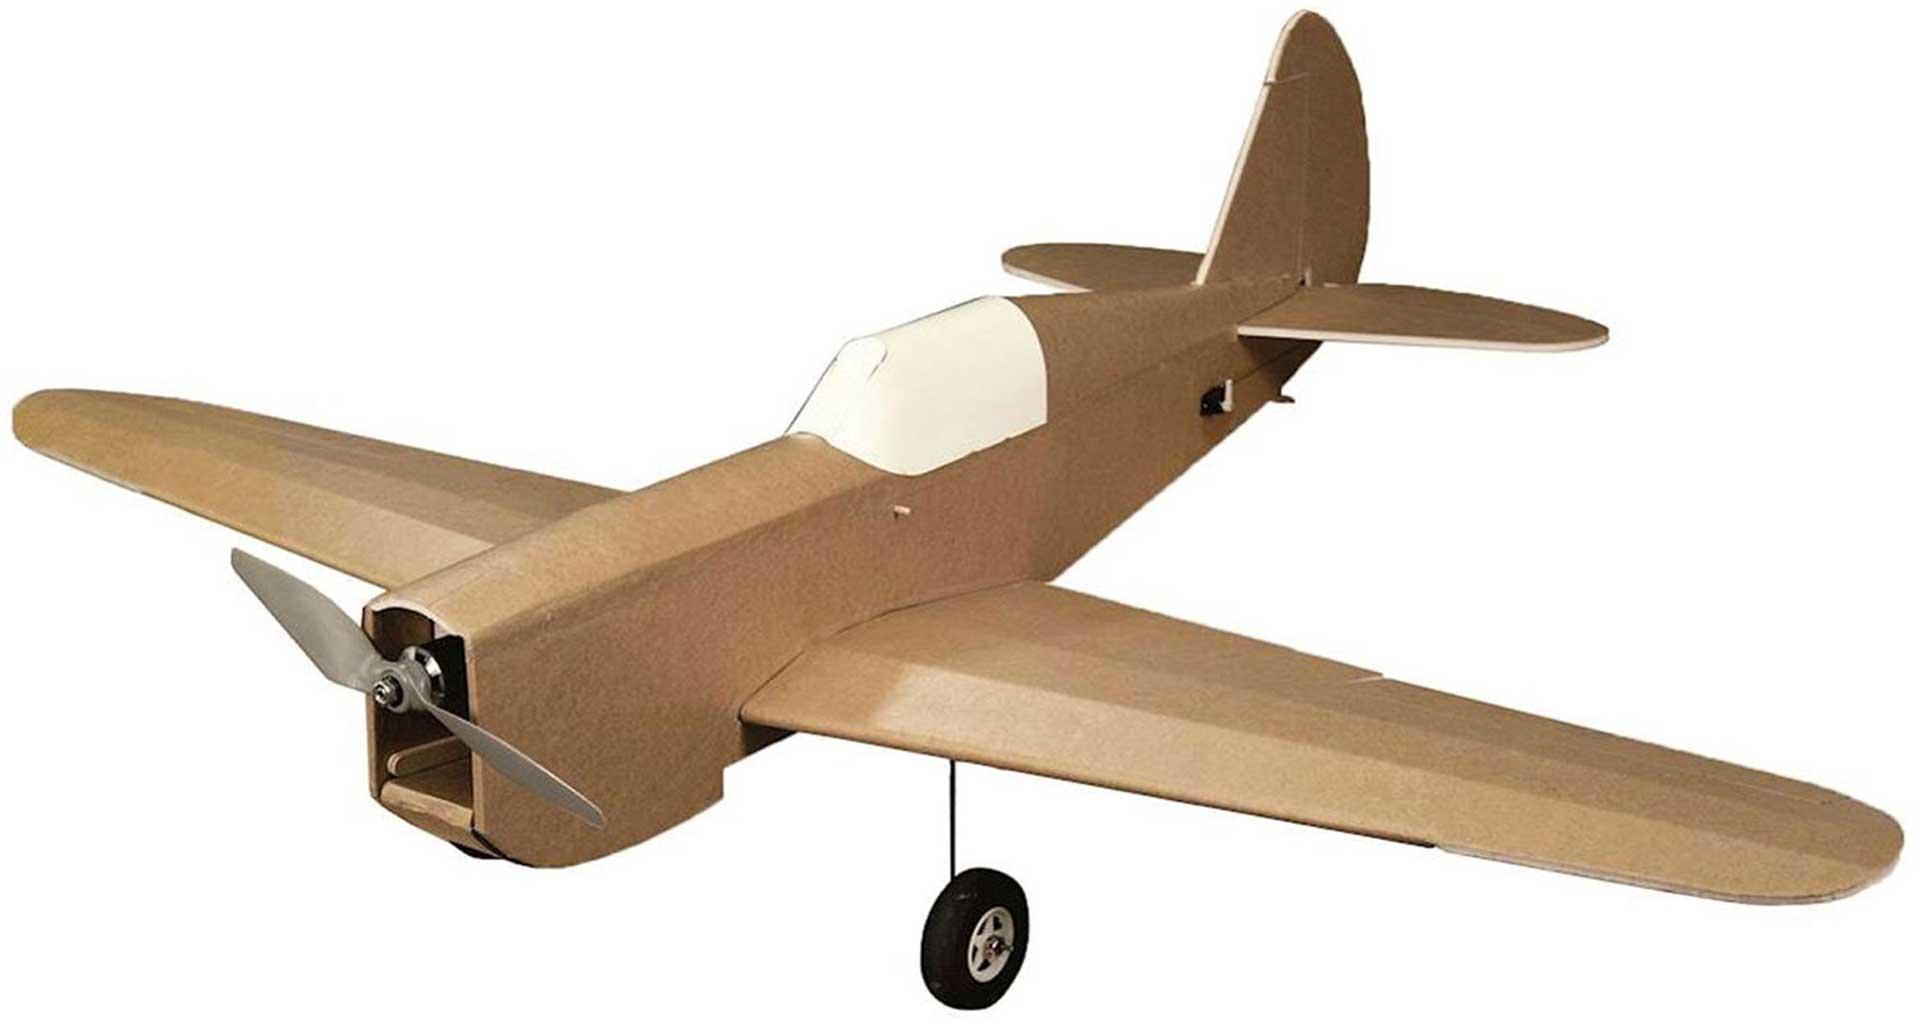 FLITE TEST FT P-40